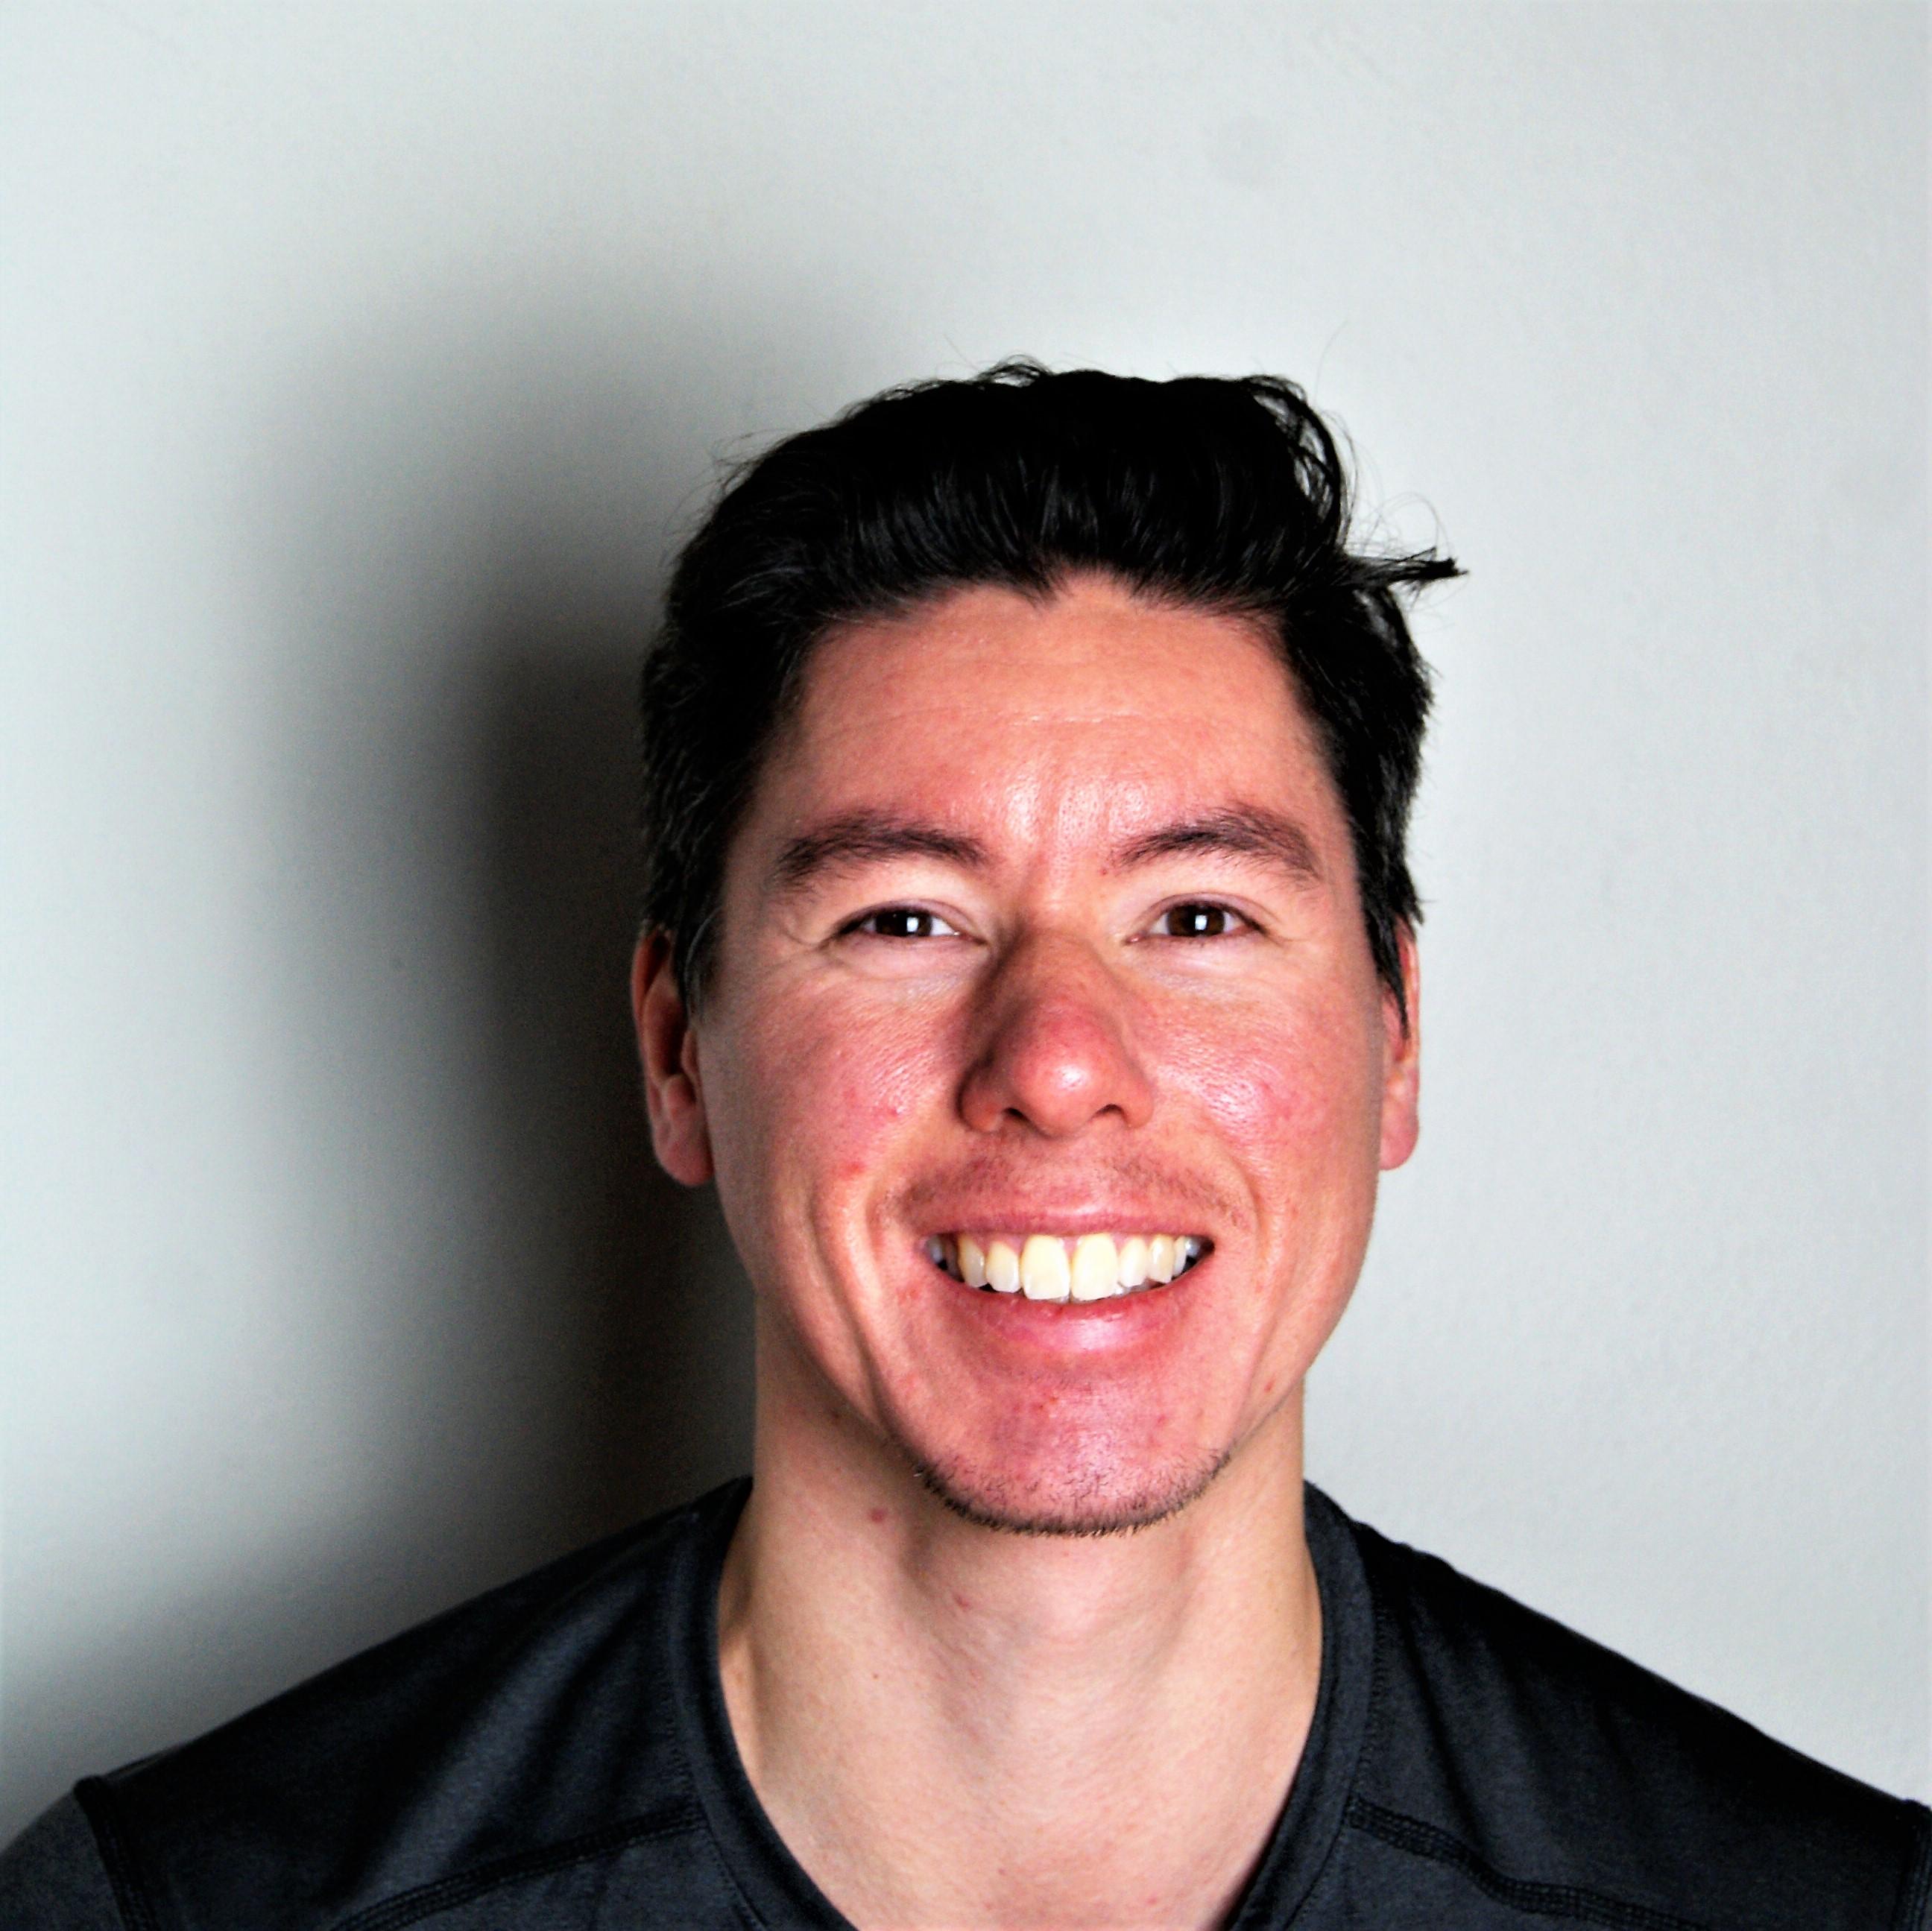 Daniel Sturm